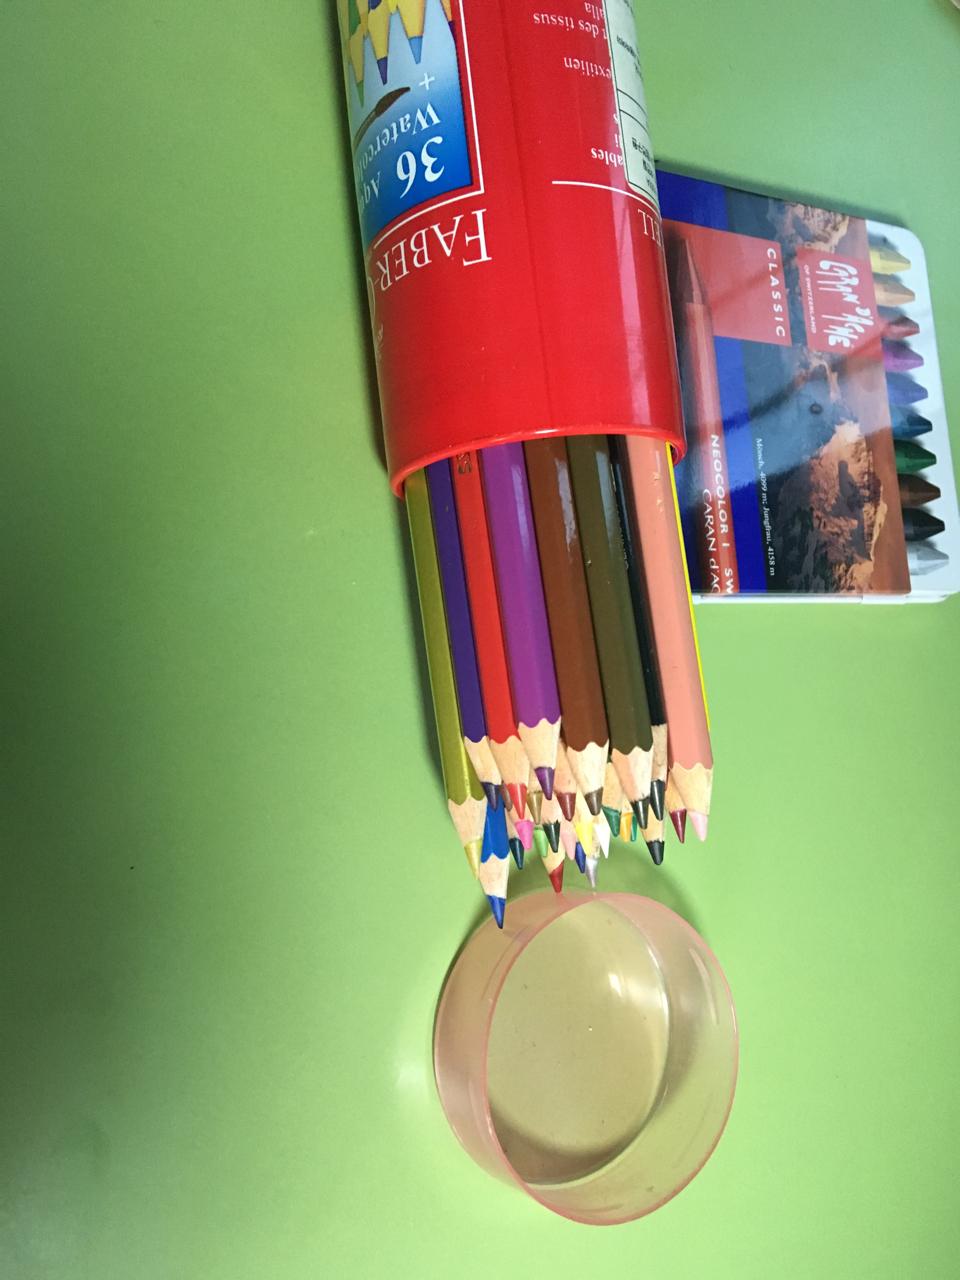 스위스산 까렌다쉬 색연필+독일 파버카스텔 색연필 판매